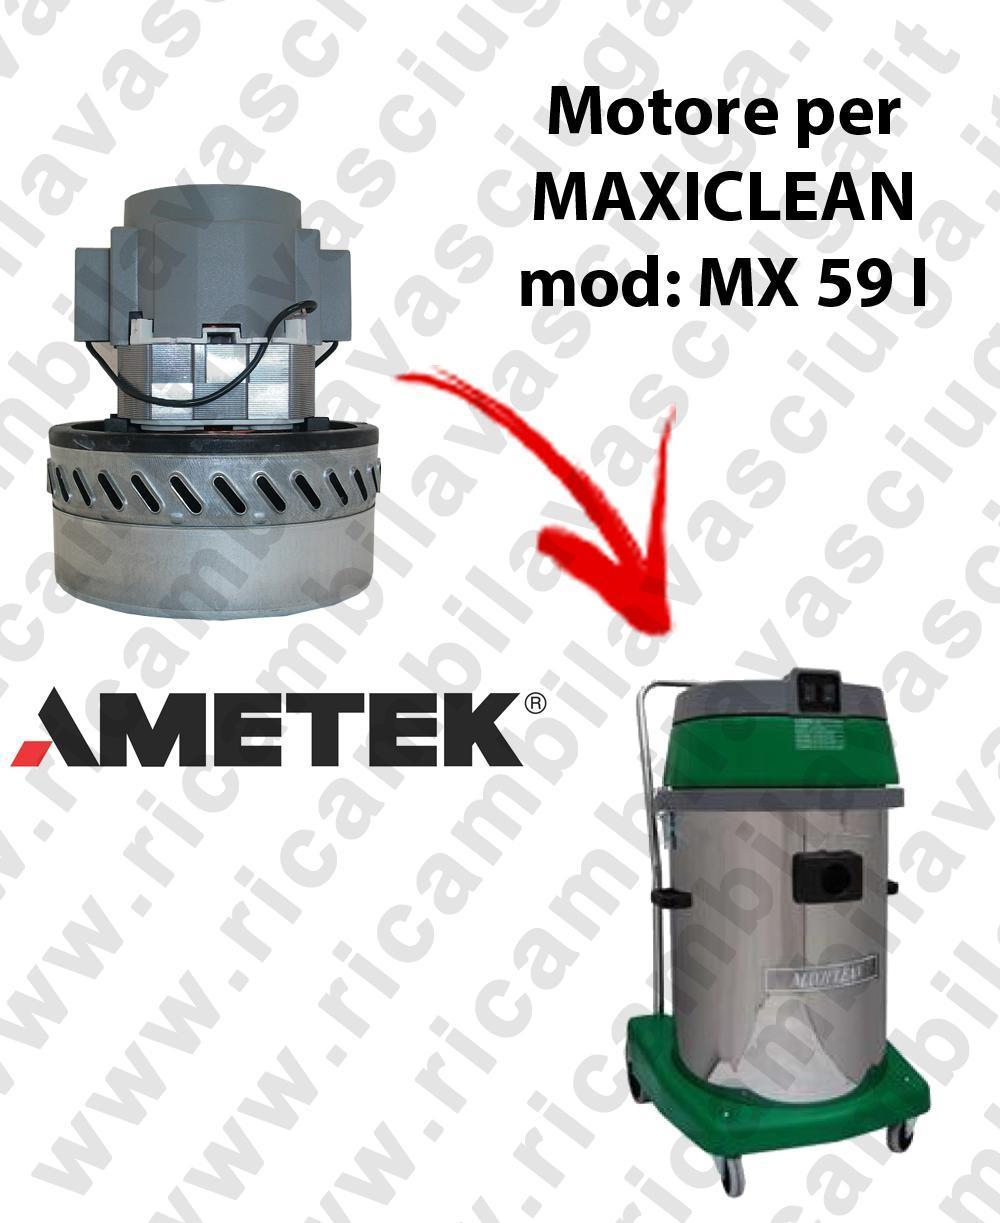 MX 59 I Motore de aspiración AMETEK para aspiradora y aspiradora húmeda MAXICLEAN